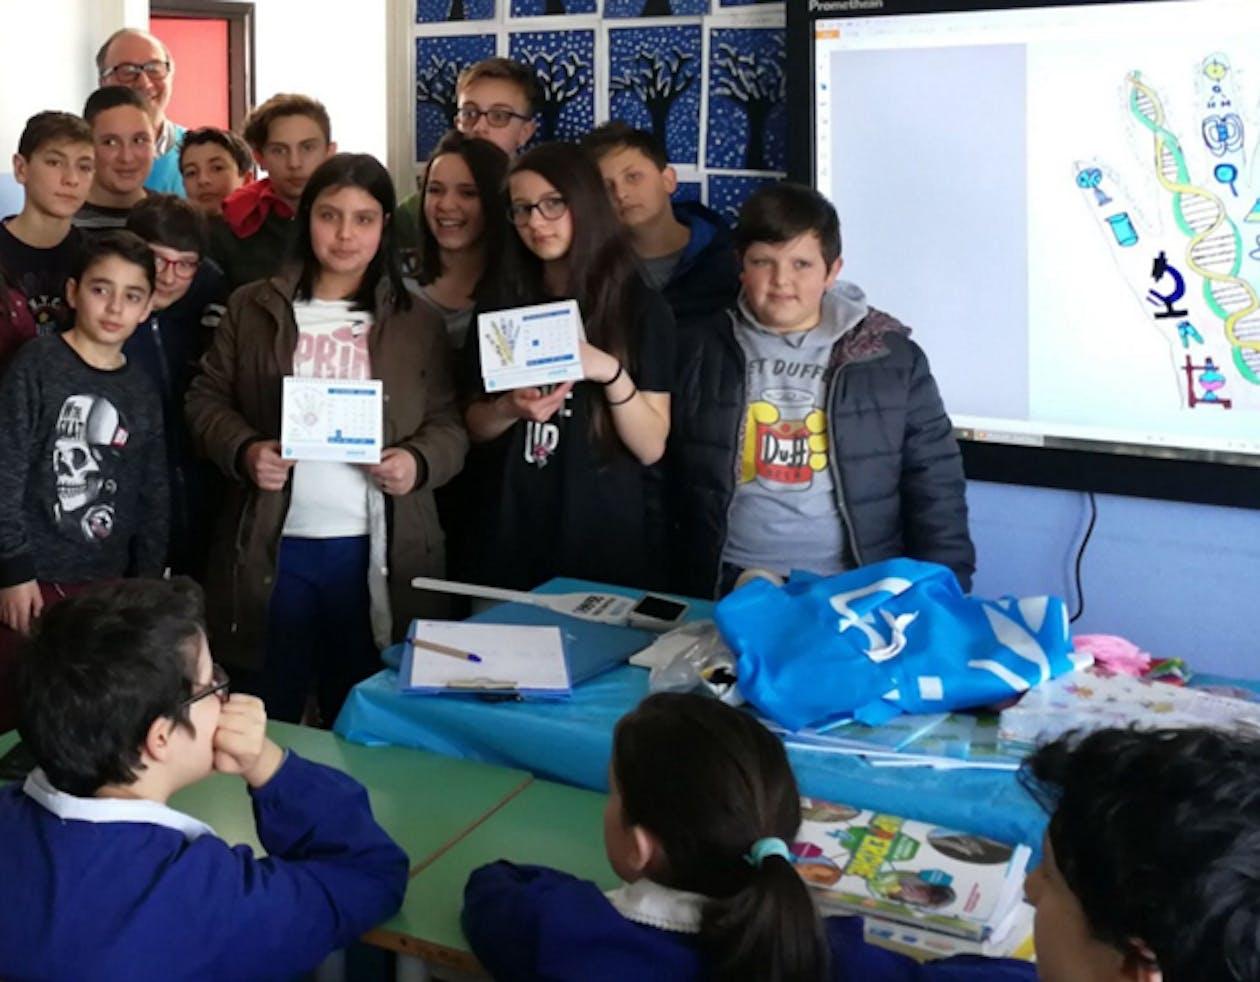 Maddalena Martorano, Marta Maria Tolve e i compagni della scuola media di Brindisi di Montagna con Mario Coviello